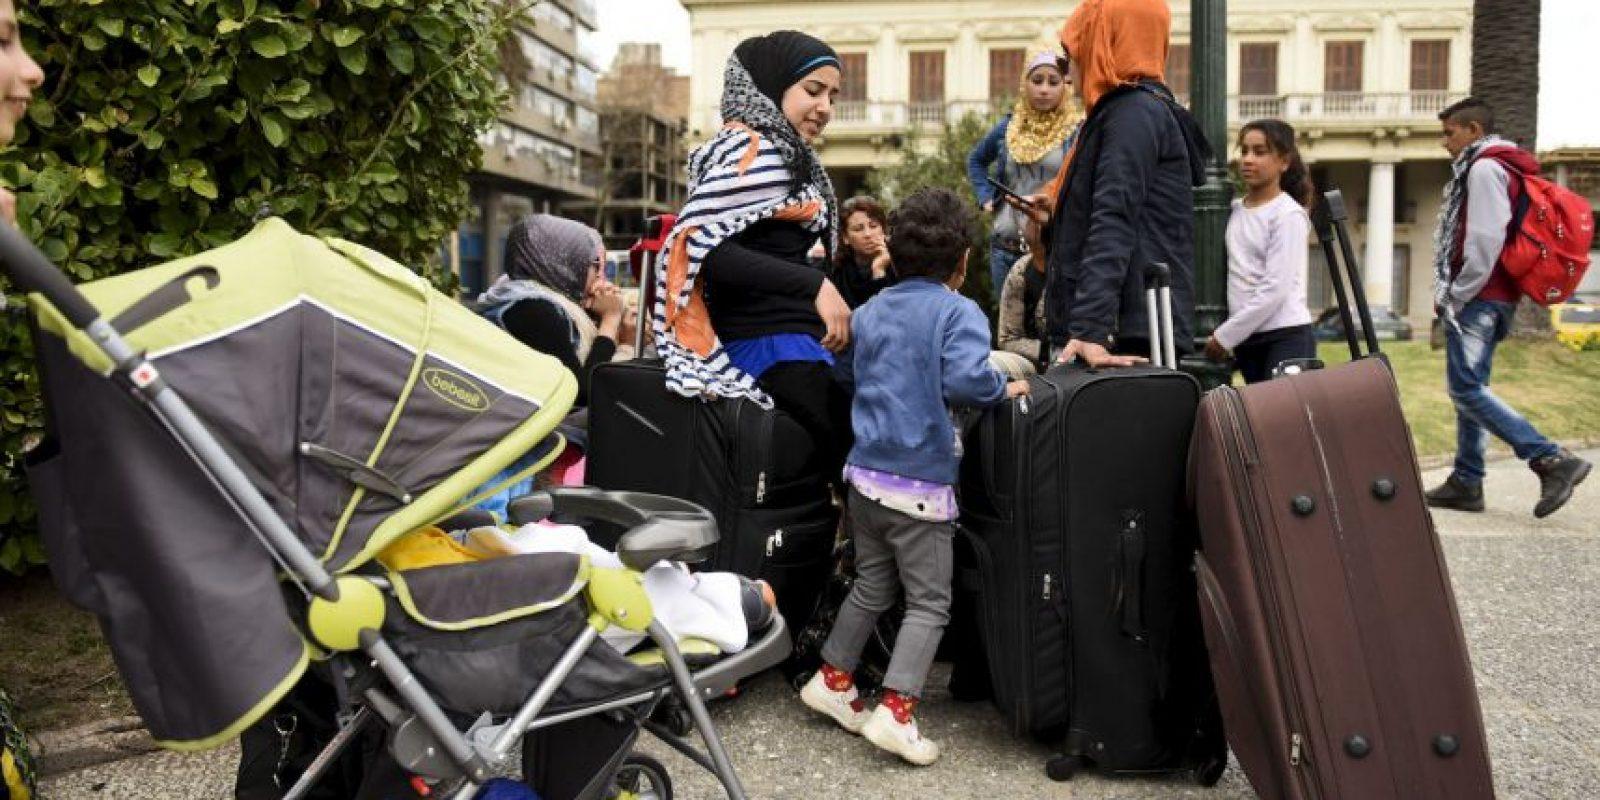 El plan impulsado por el expresidente José Mujica está en espera de que lleguen al menos otros 70 refugiados. Foto:AP